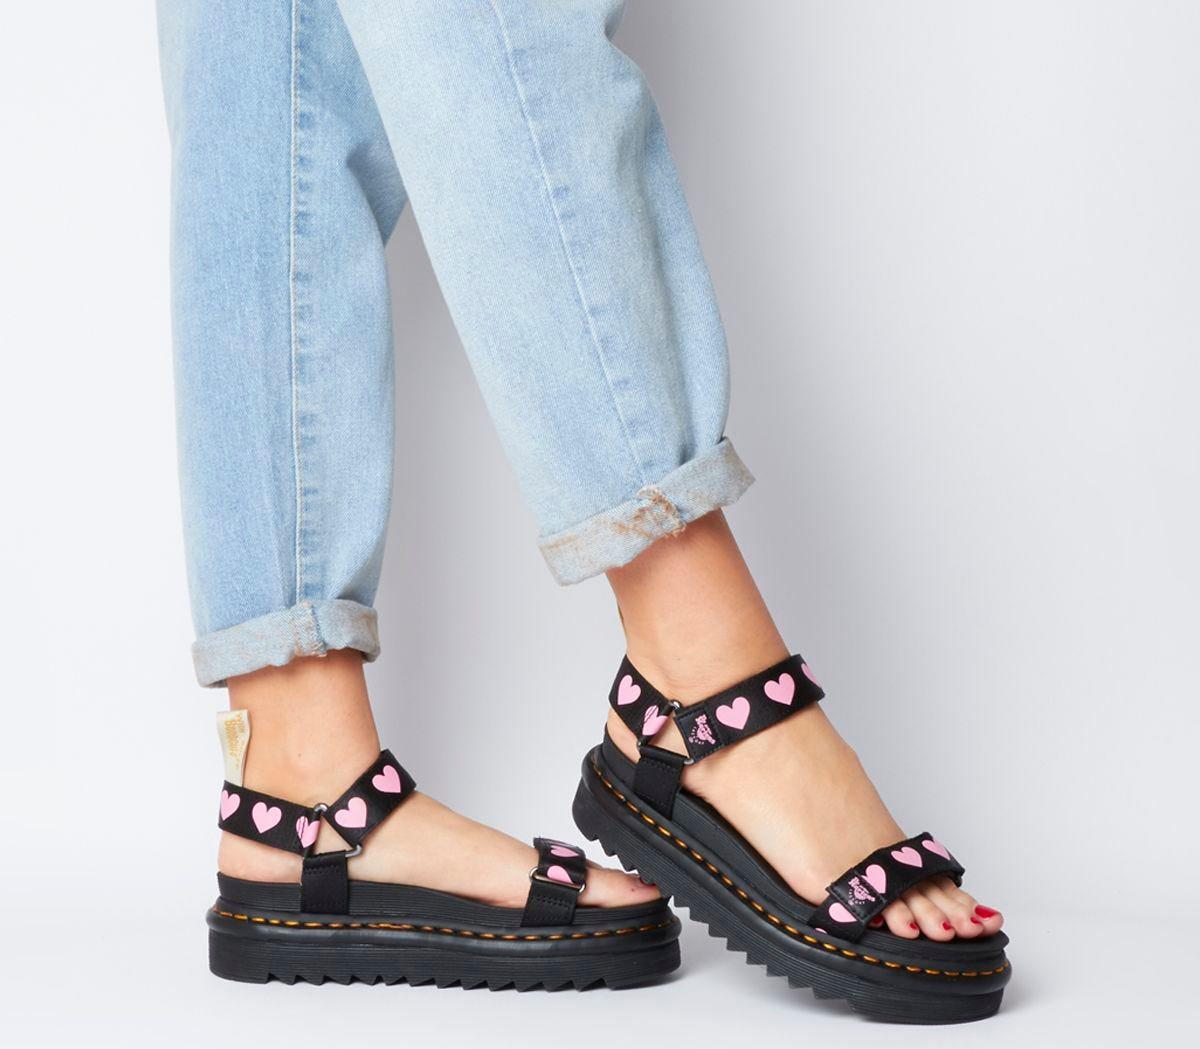 Dr. Martens + Vegan Lazy Oaf Sandals